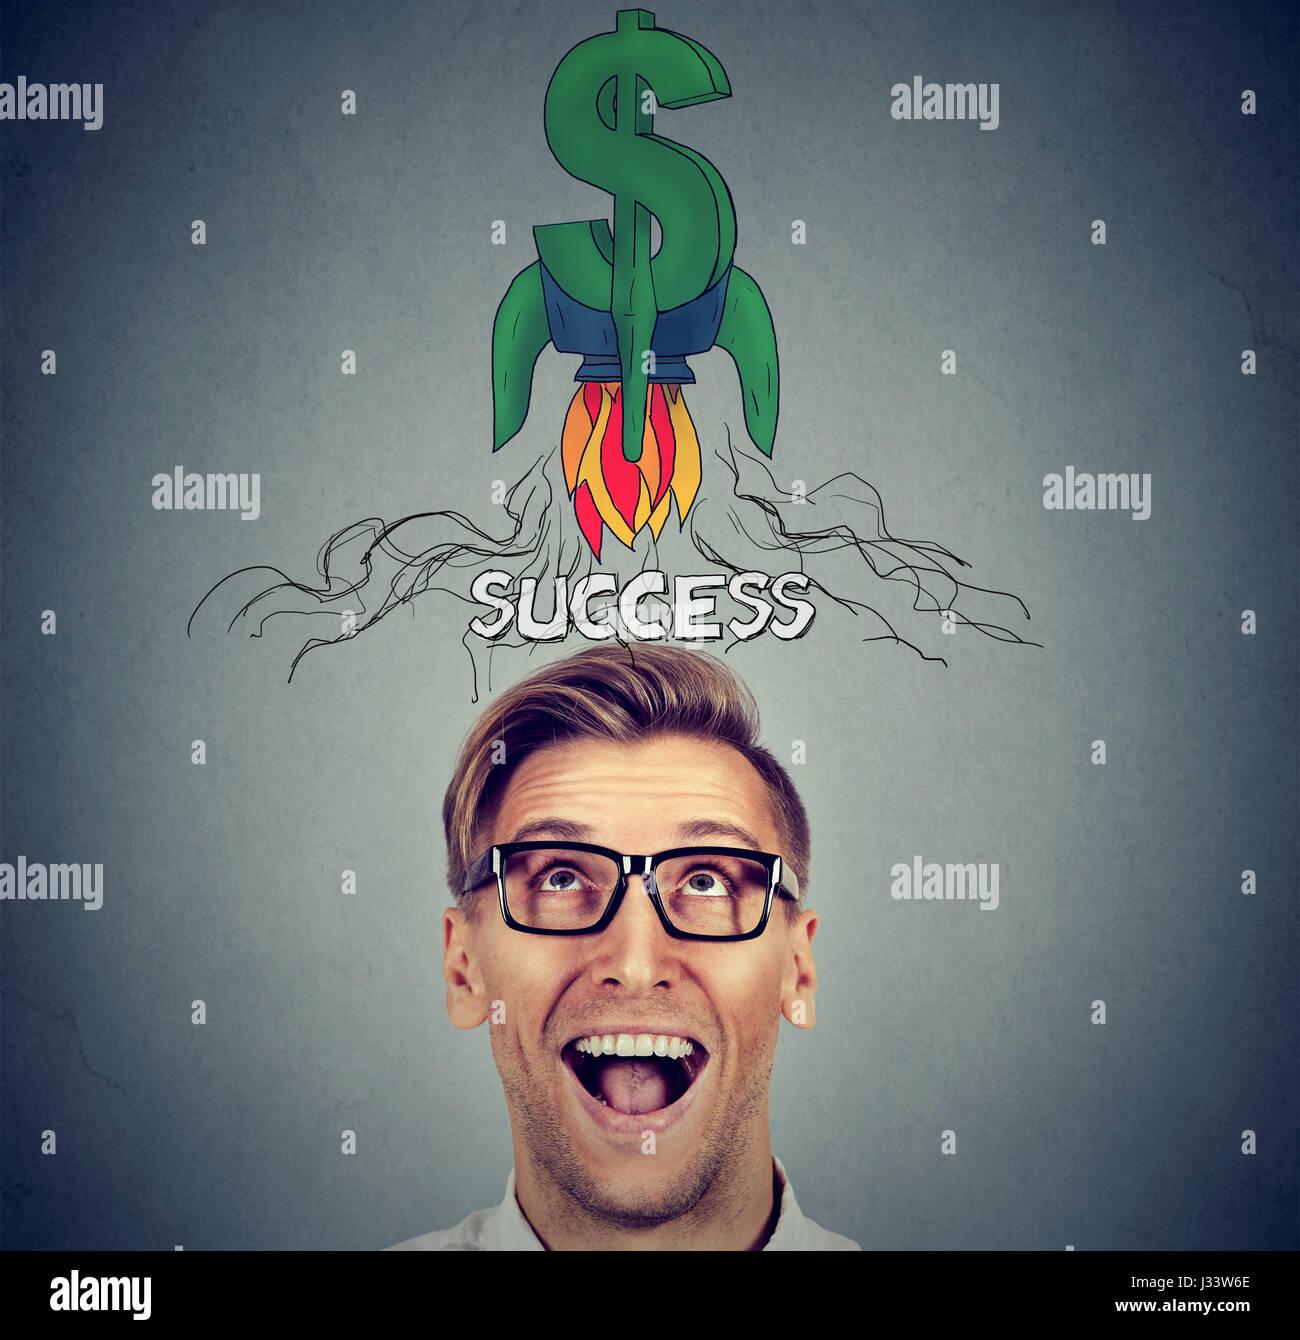 Finanziellen Erfolg Geschäftskonzept. Überrascht glücklicher junger Mann nachschlagen Stockbild